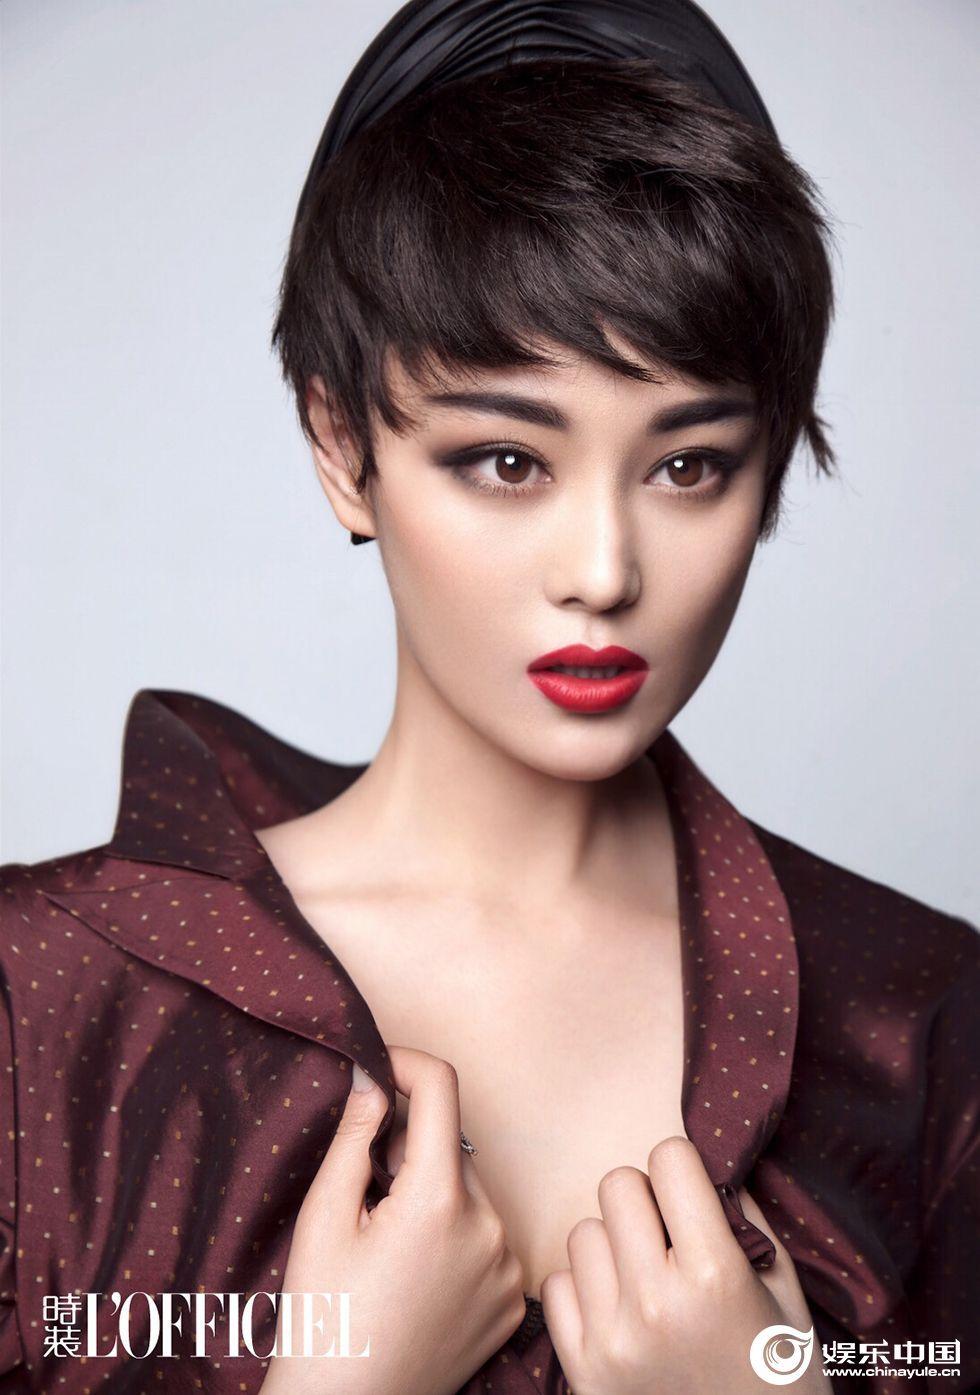 Pin by phương phạm on zhang xin yu zhangxinyu vianzhang pinterest